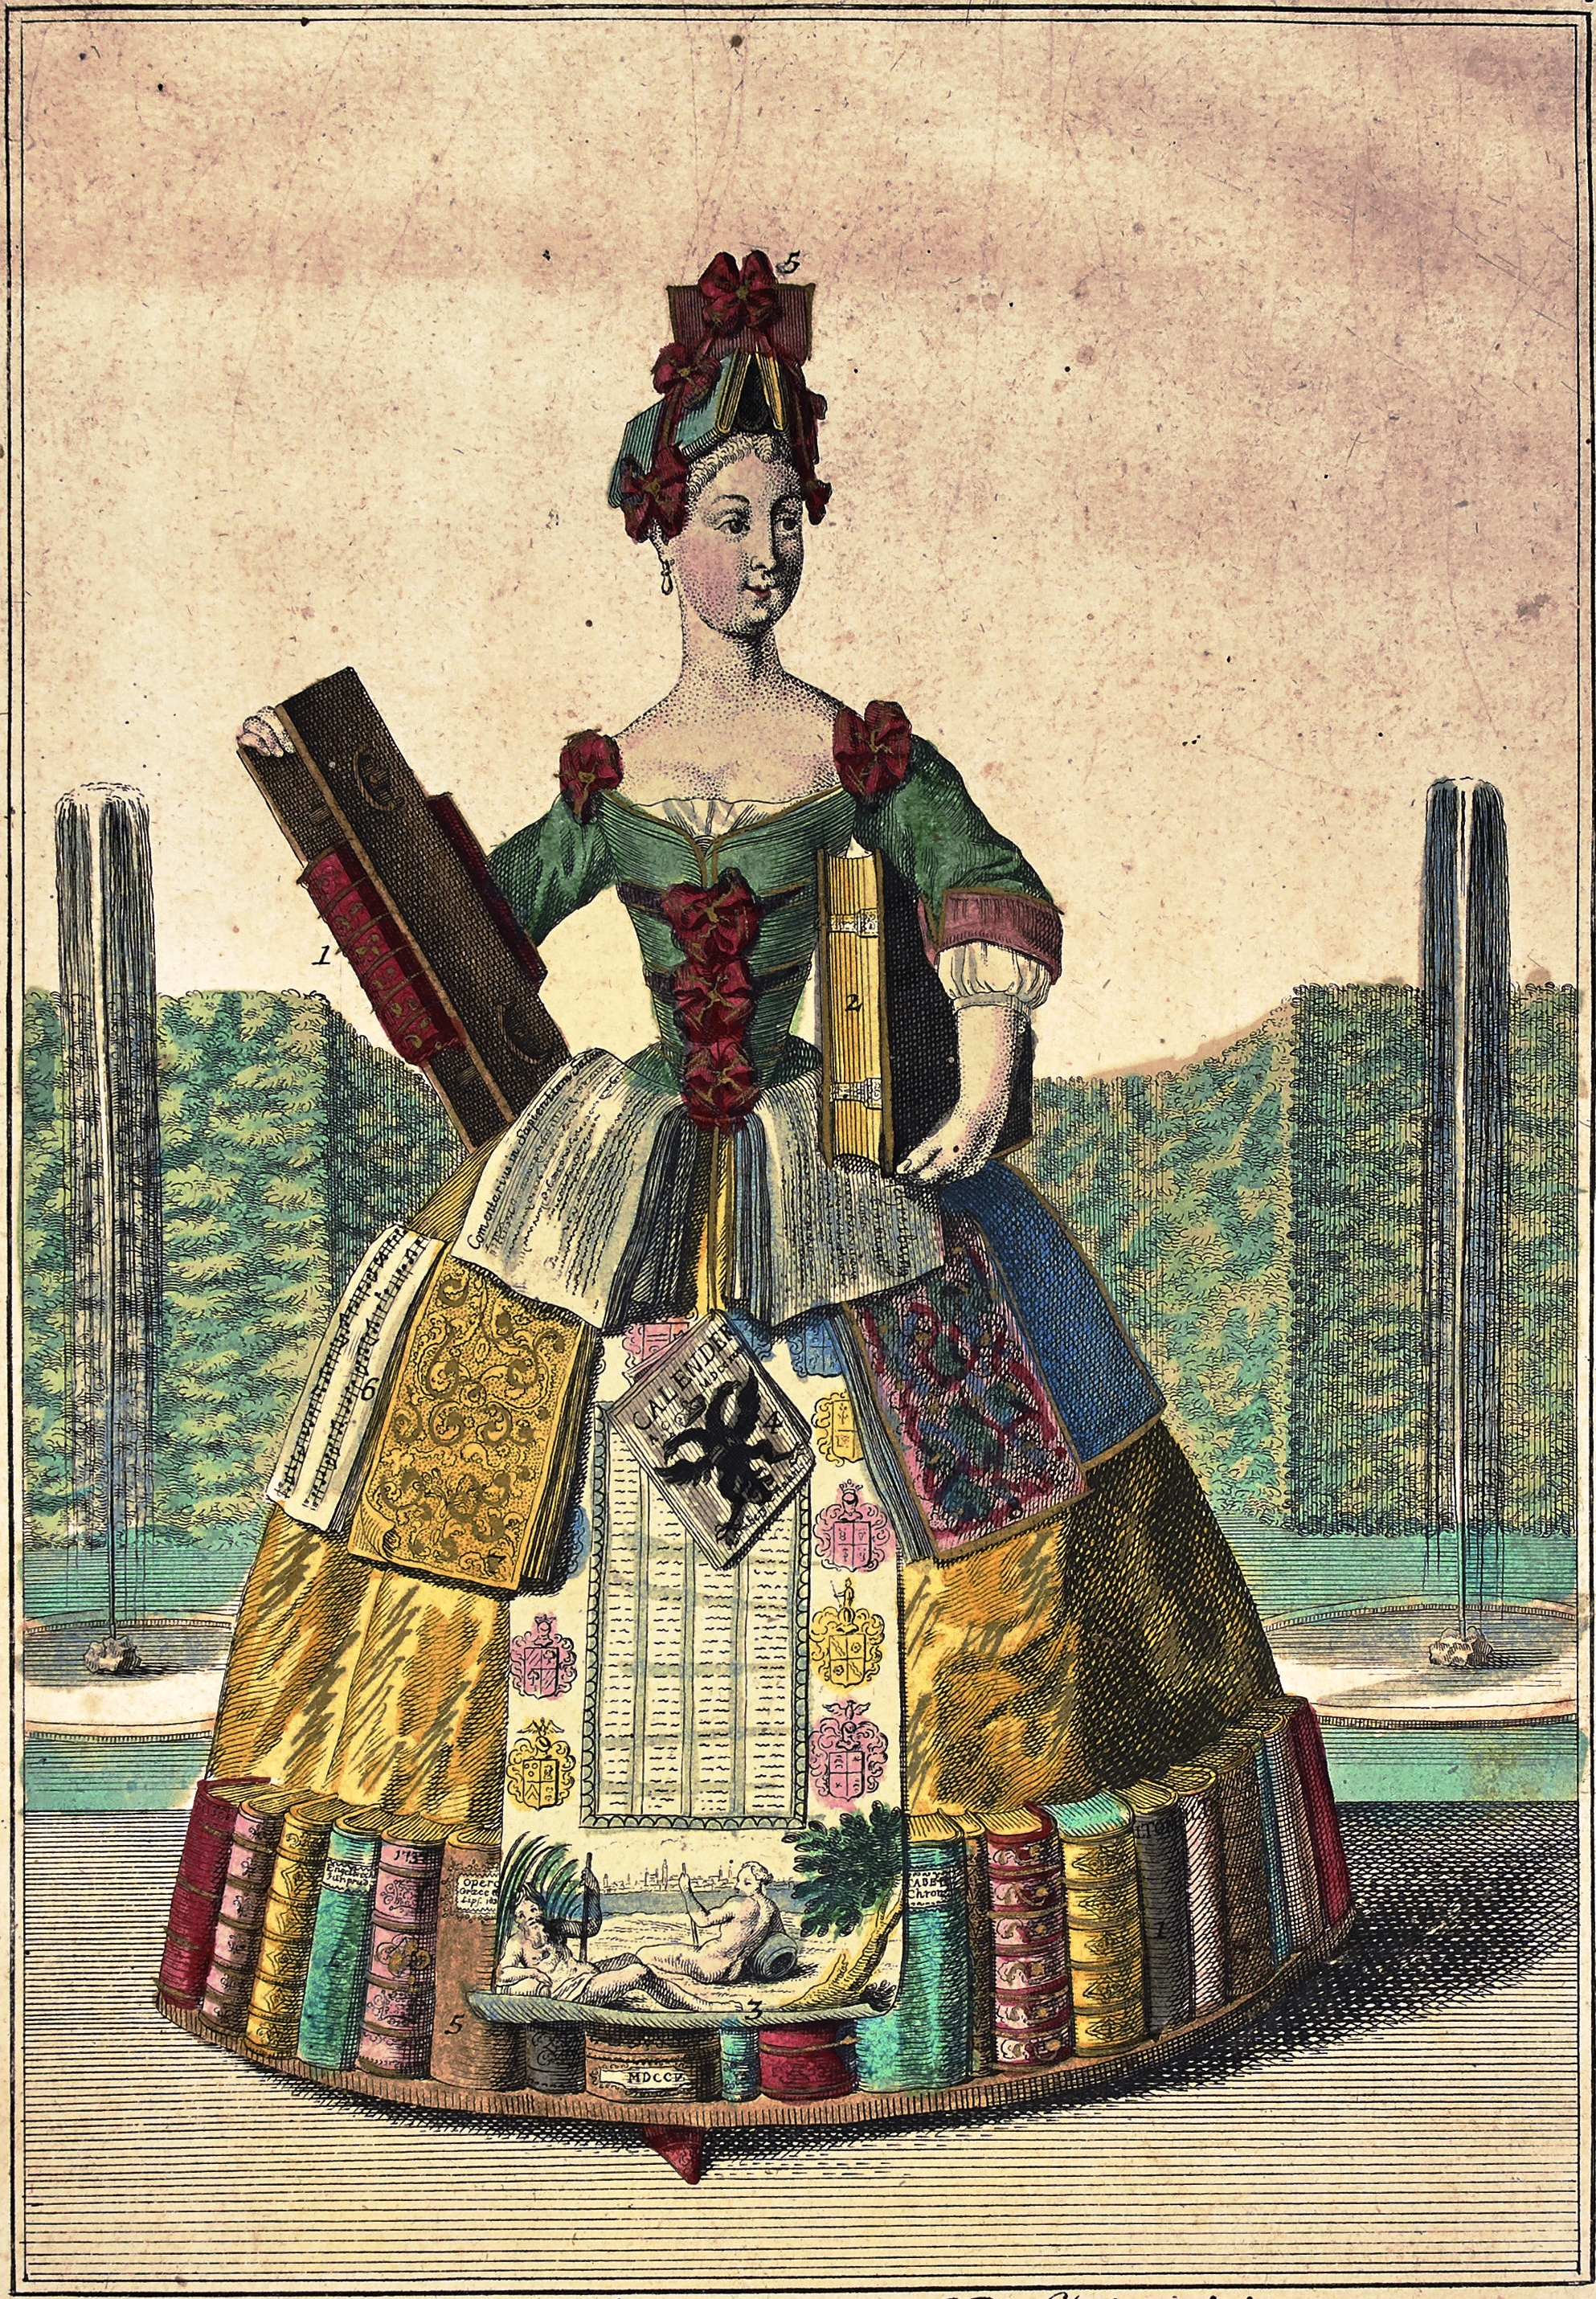 Мартин Энгельбрехт «Персонификация книготорговли», около 1730.